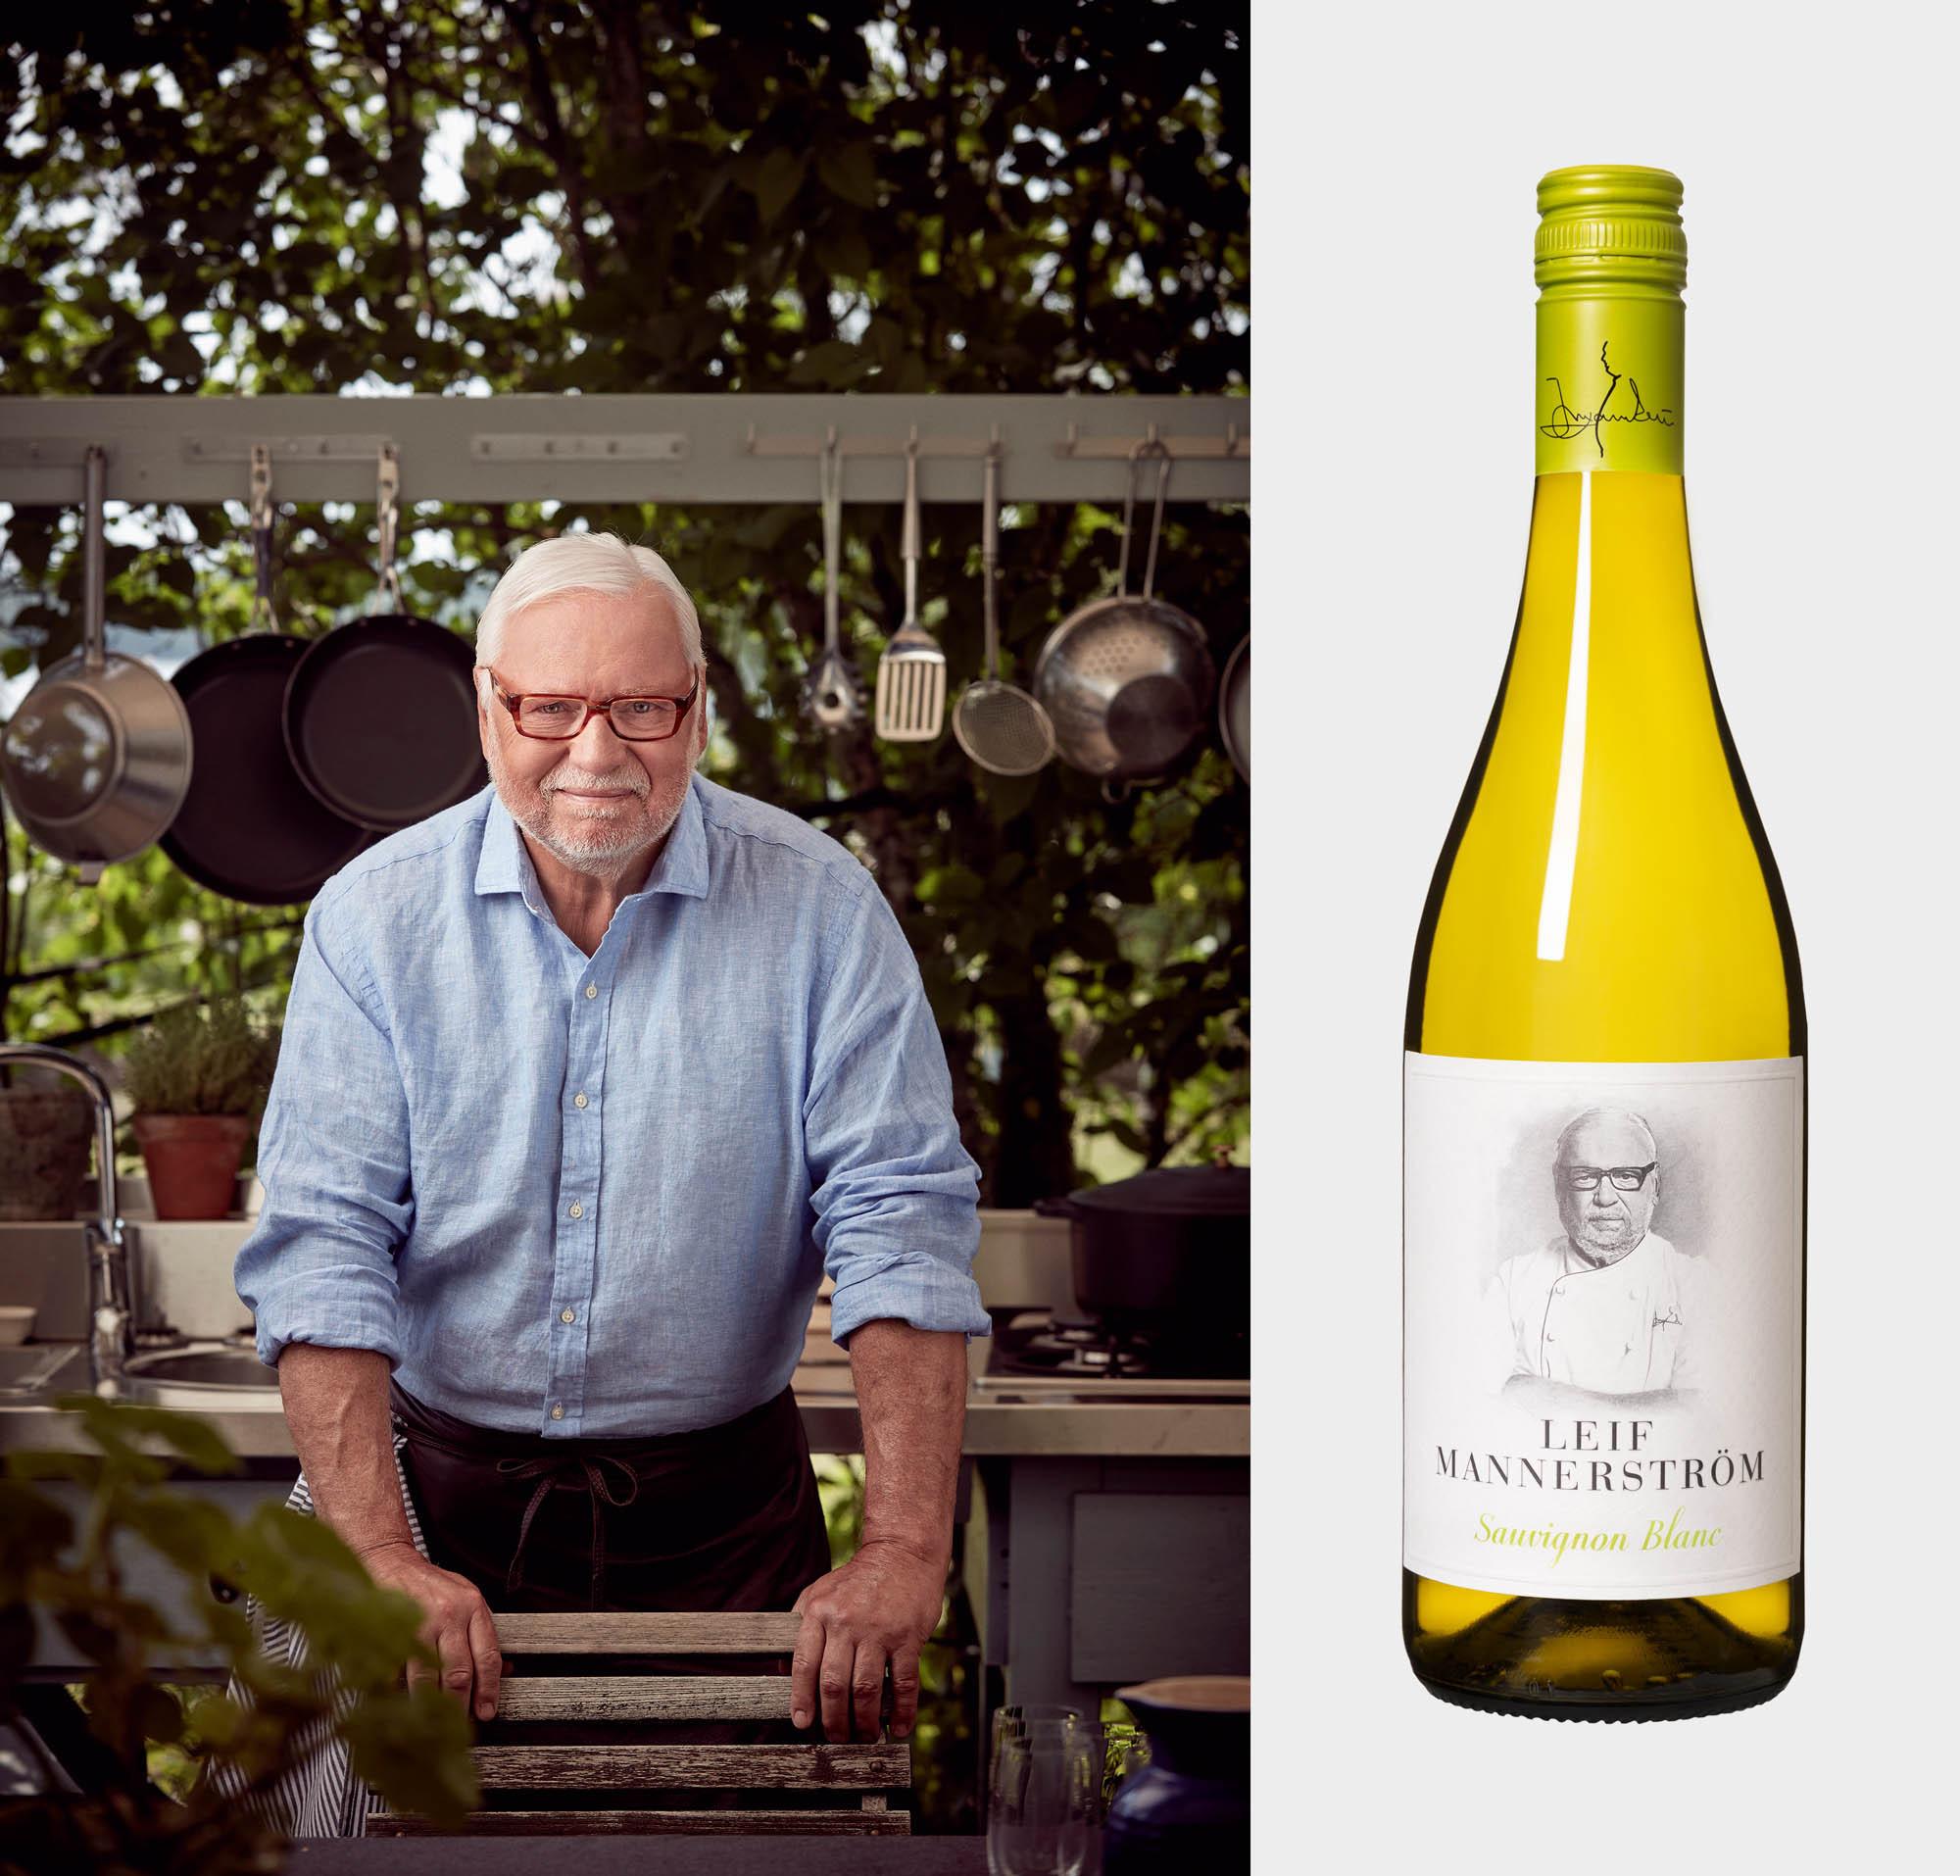 Mästerkocken Leif Mannerström lanserar eget vin inför sommaren